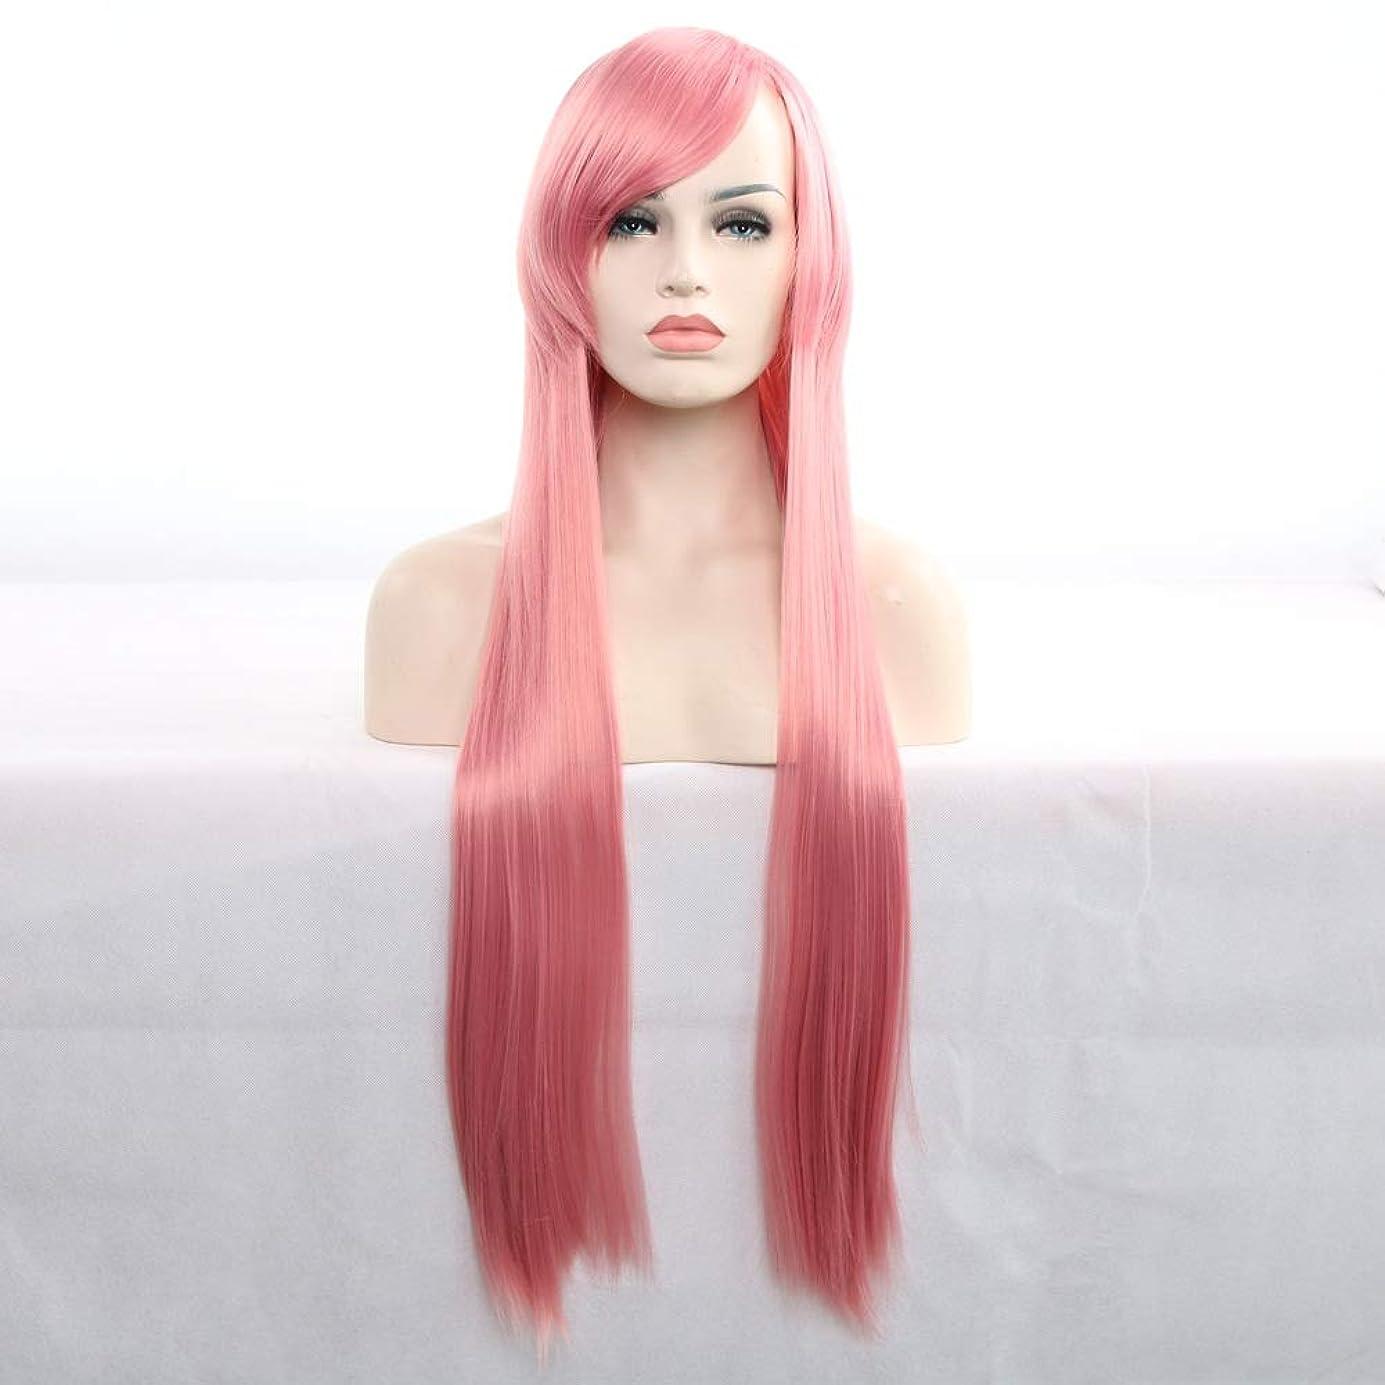 陸軍カジュアルチップ女性のための前髪人工毛ウィッグ耐熱性繊維コスプレウィッグと30